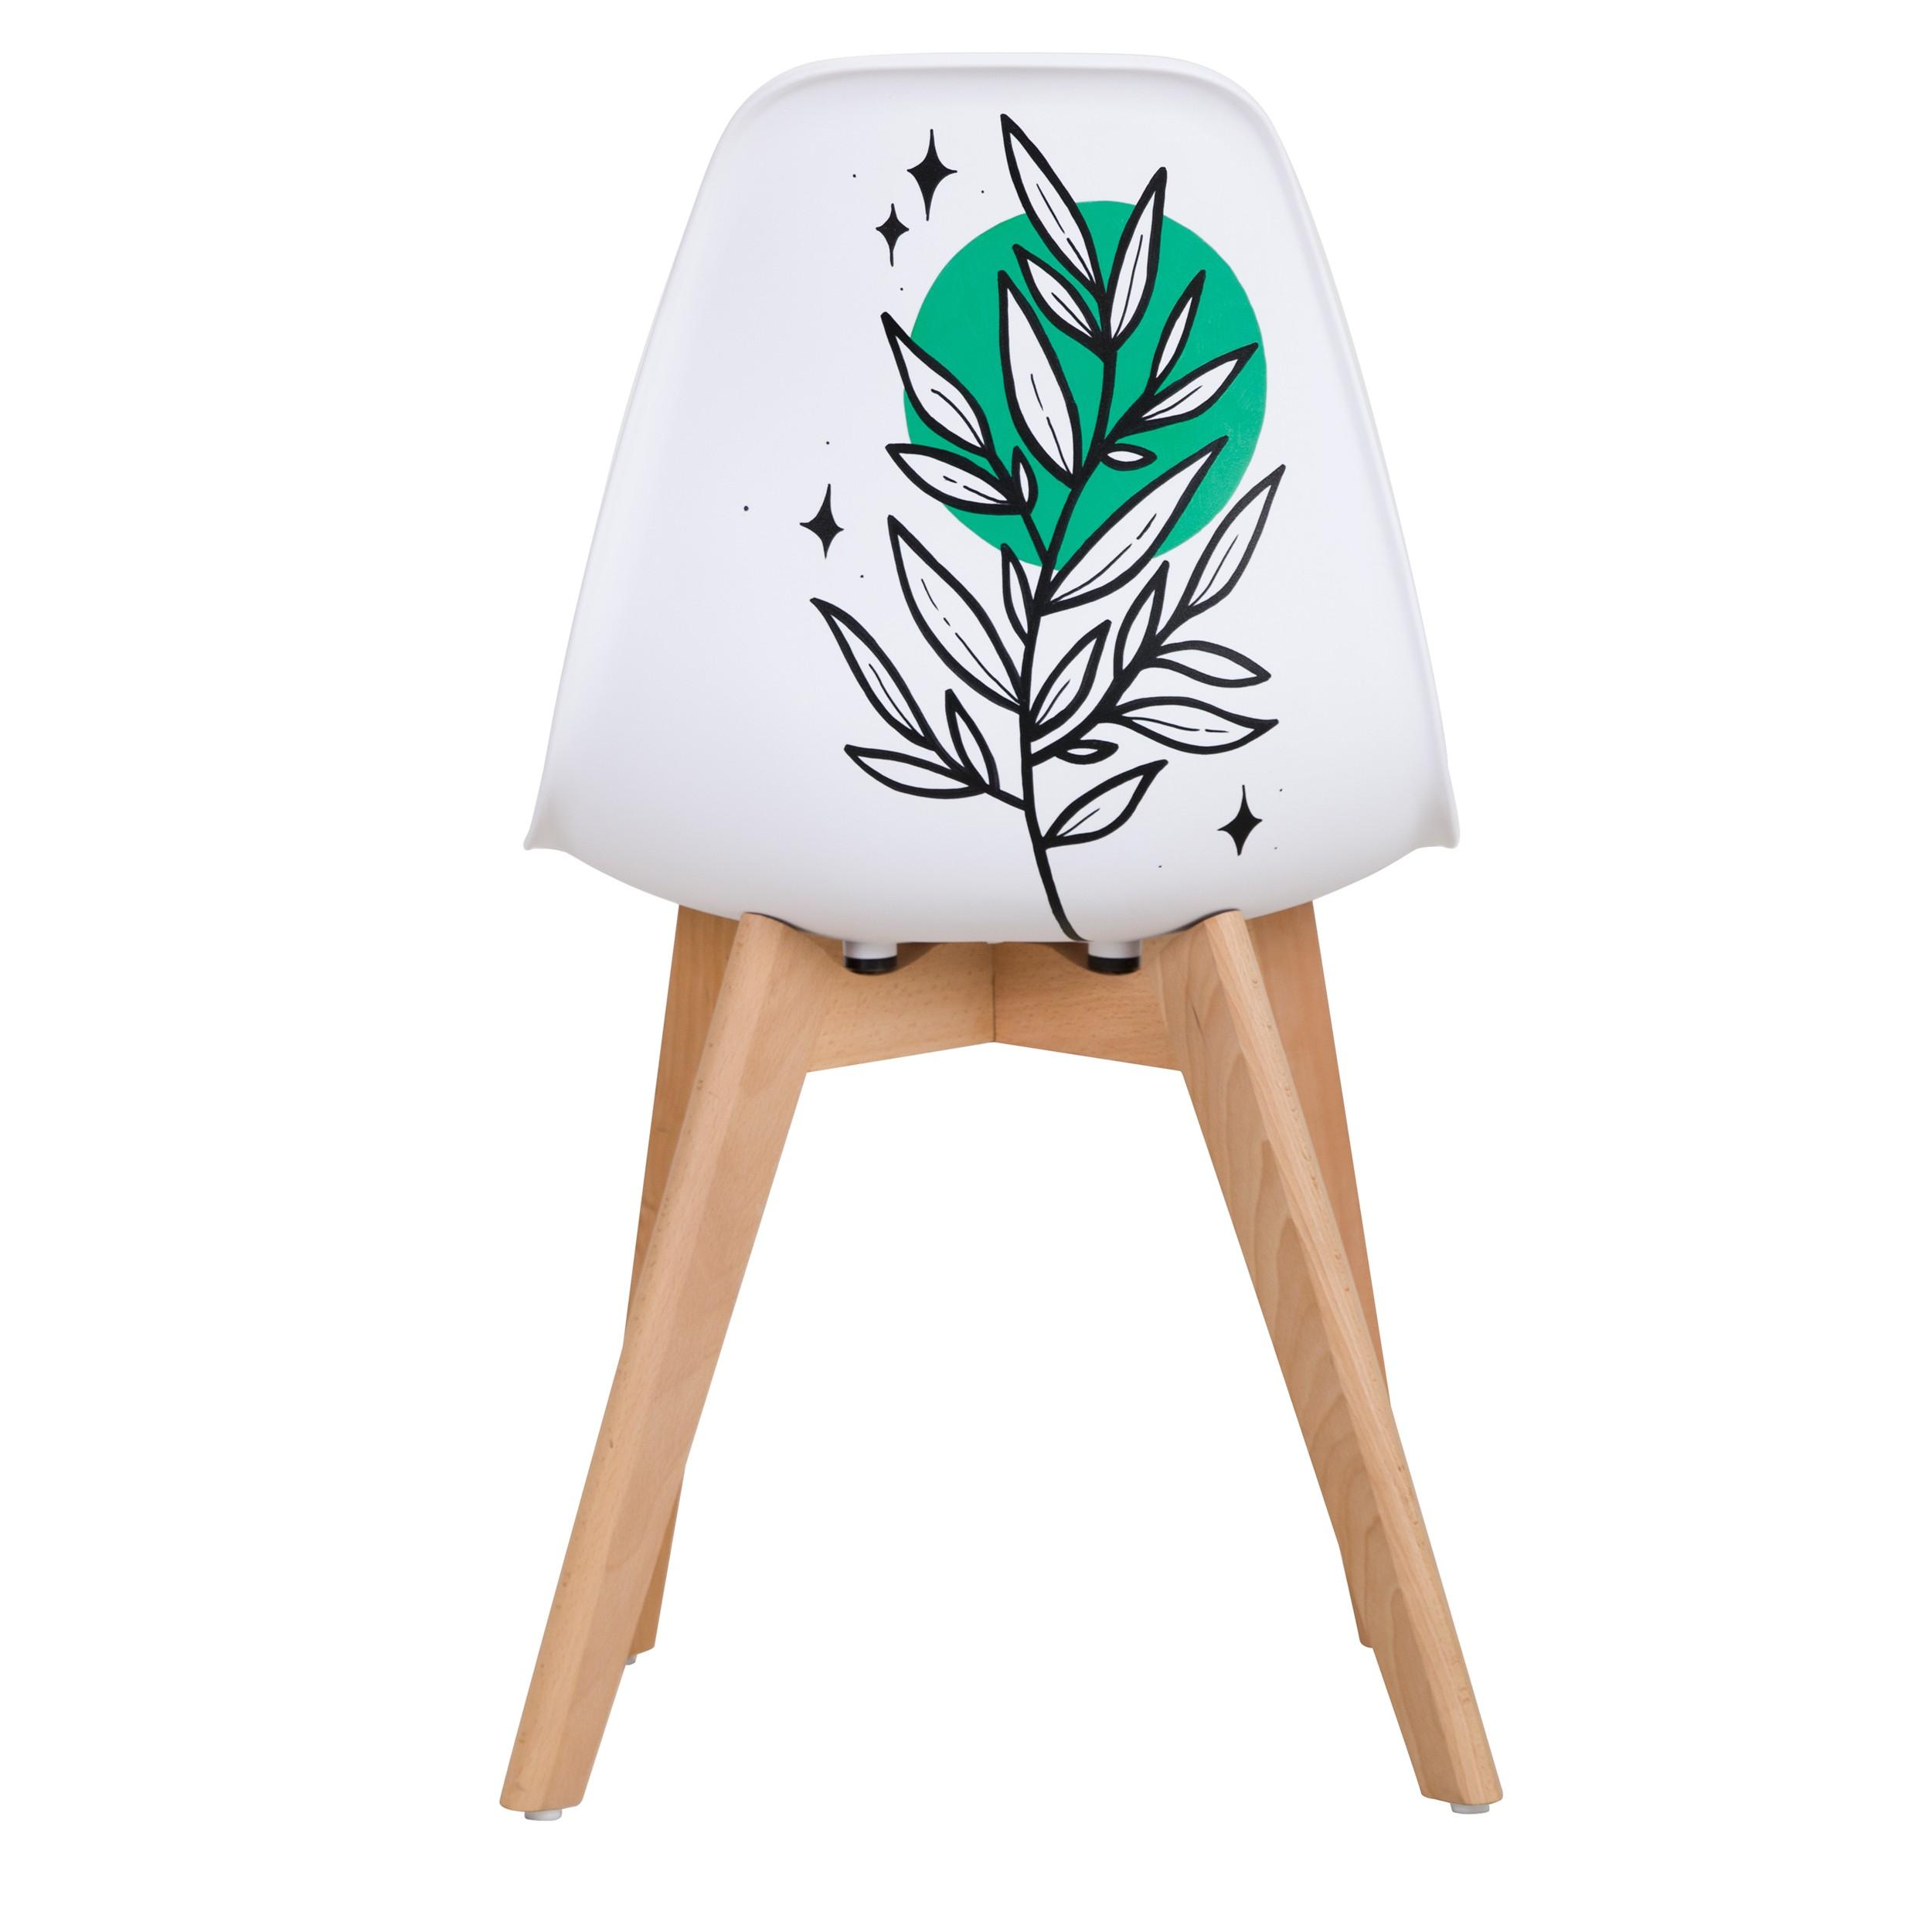 acheter chaise artiste design